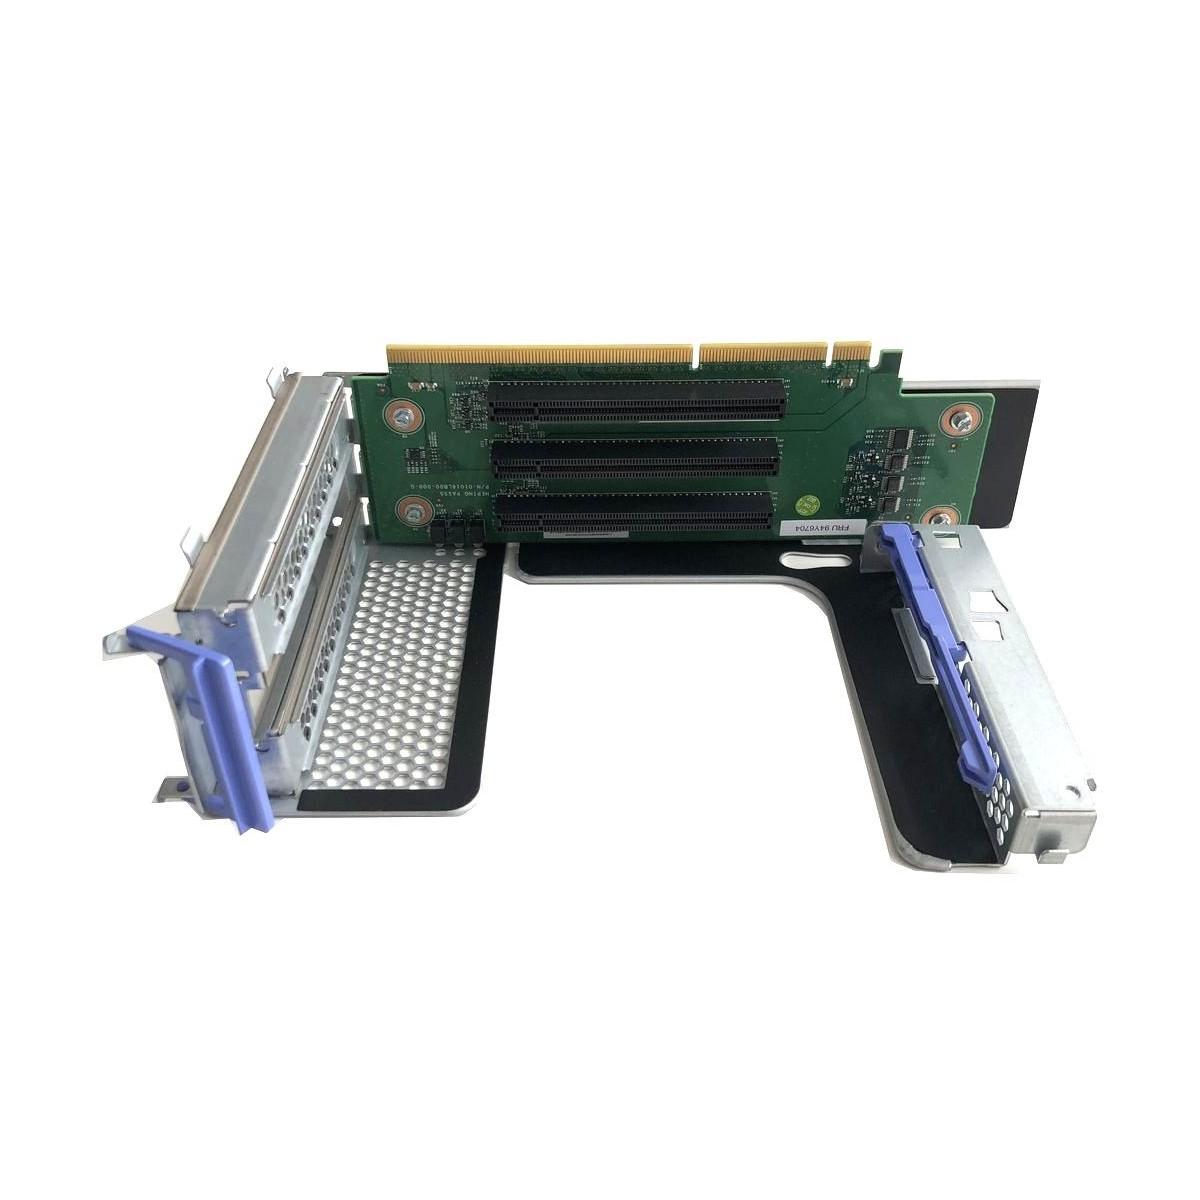 HP StoreEasy1430 i3 8GB 4x3TB P222 WIN2012 STD